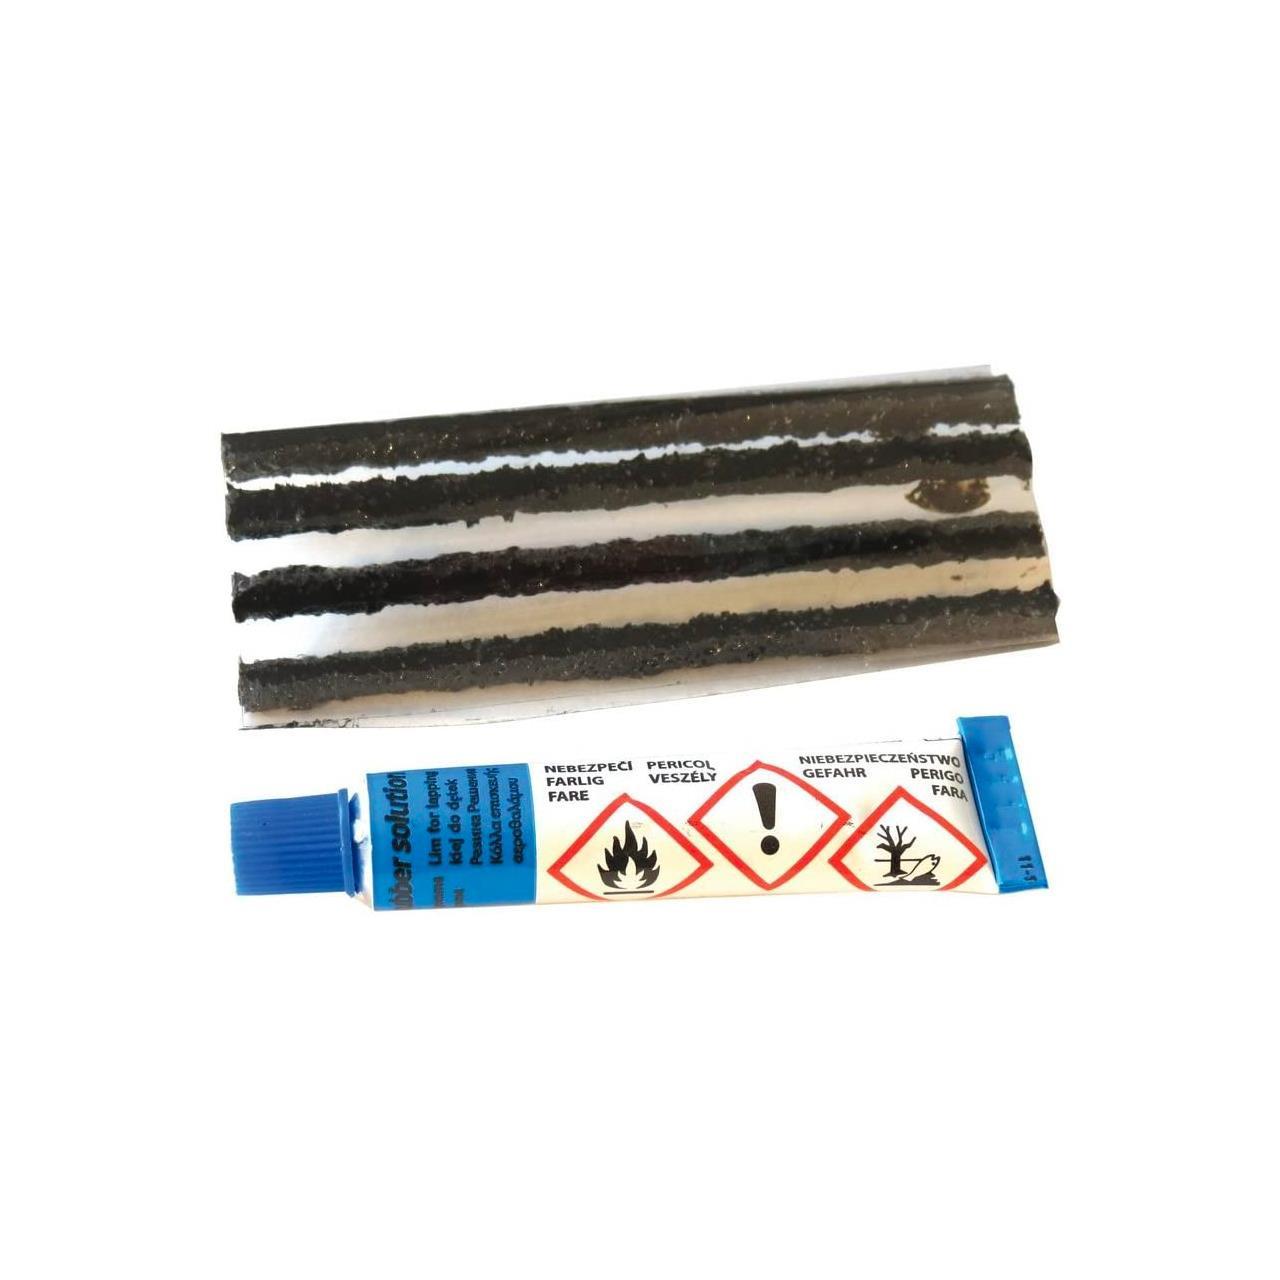 Weldtite Tubeless Tyre Outside Repair Kit